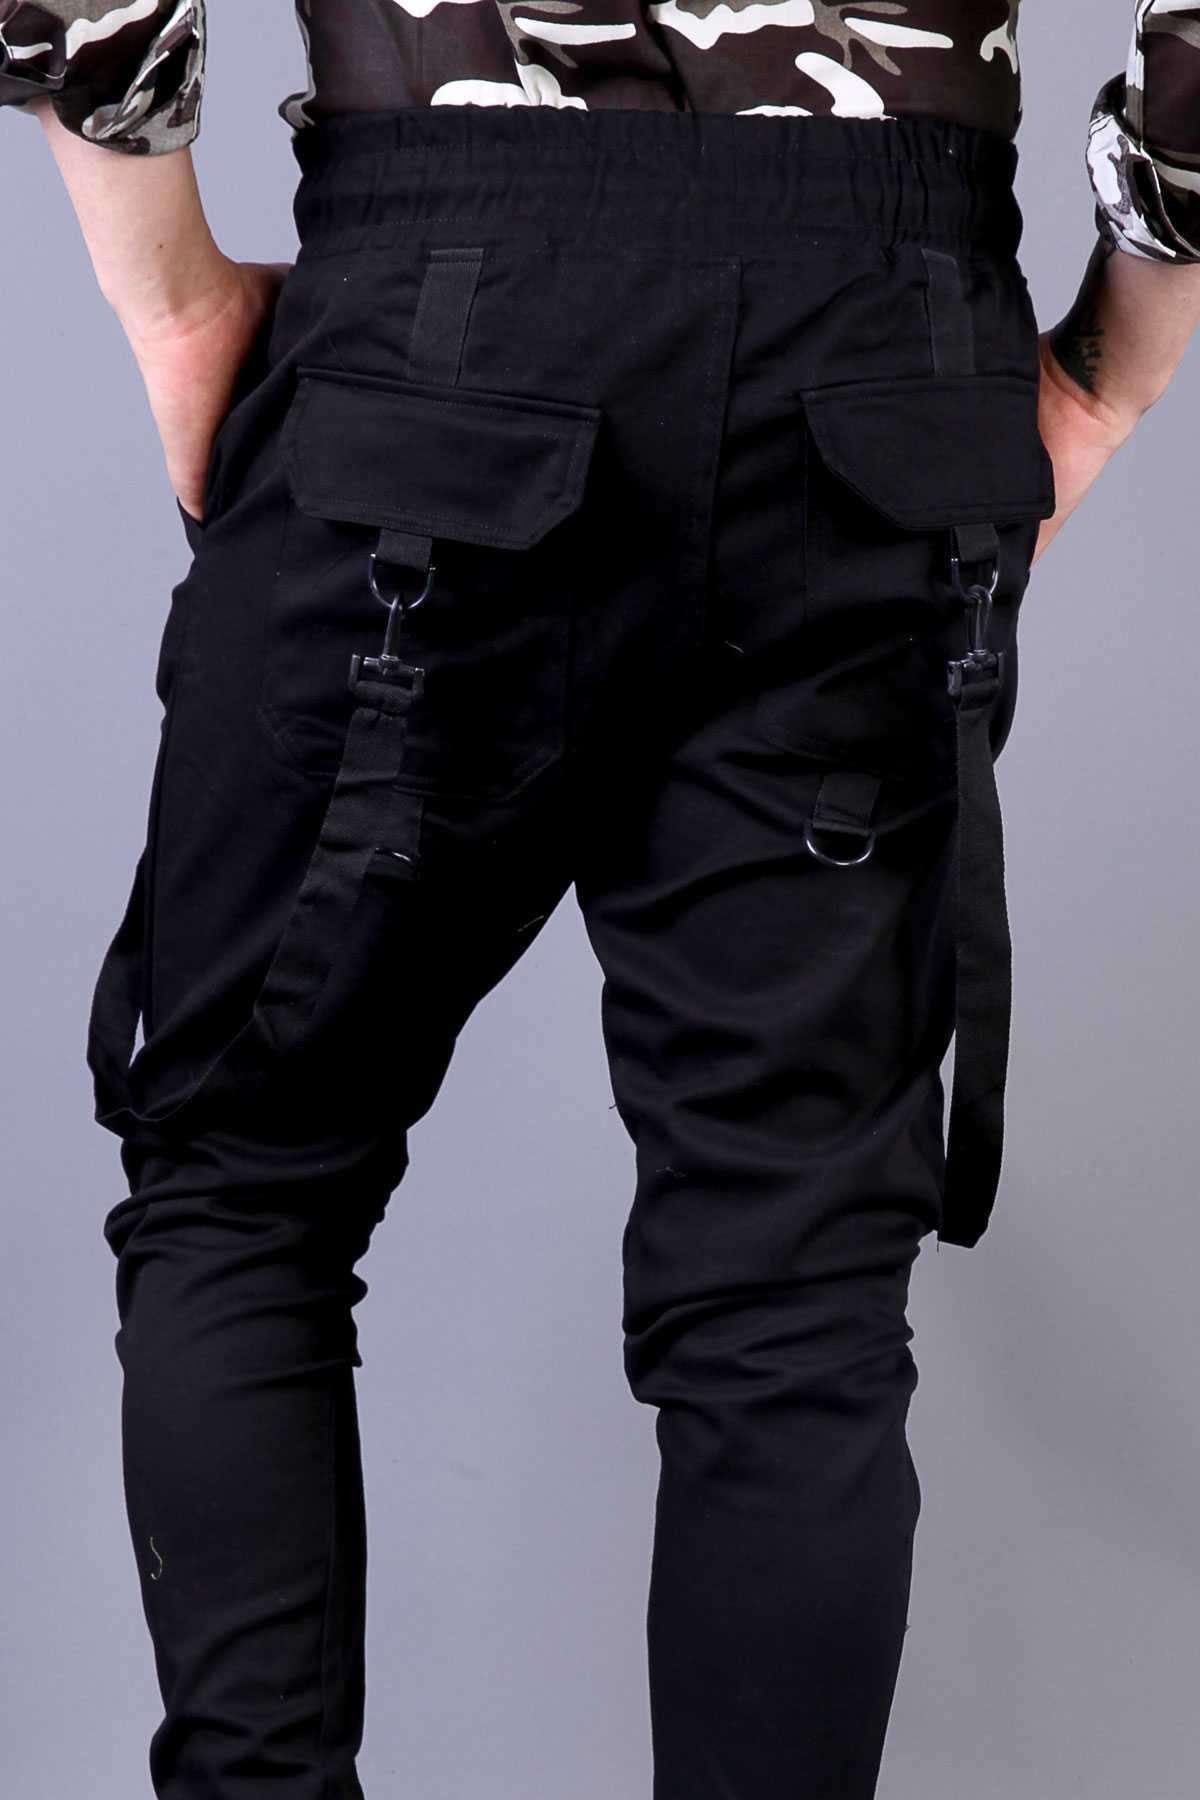 Önü Arkası Şerit Askılı Paça Ucu Lastikli Gabardin Pantolon Siyah